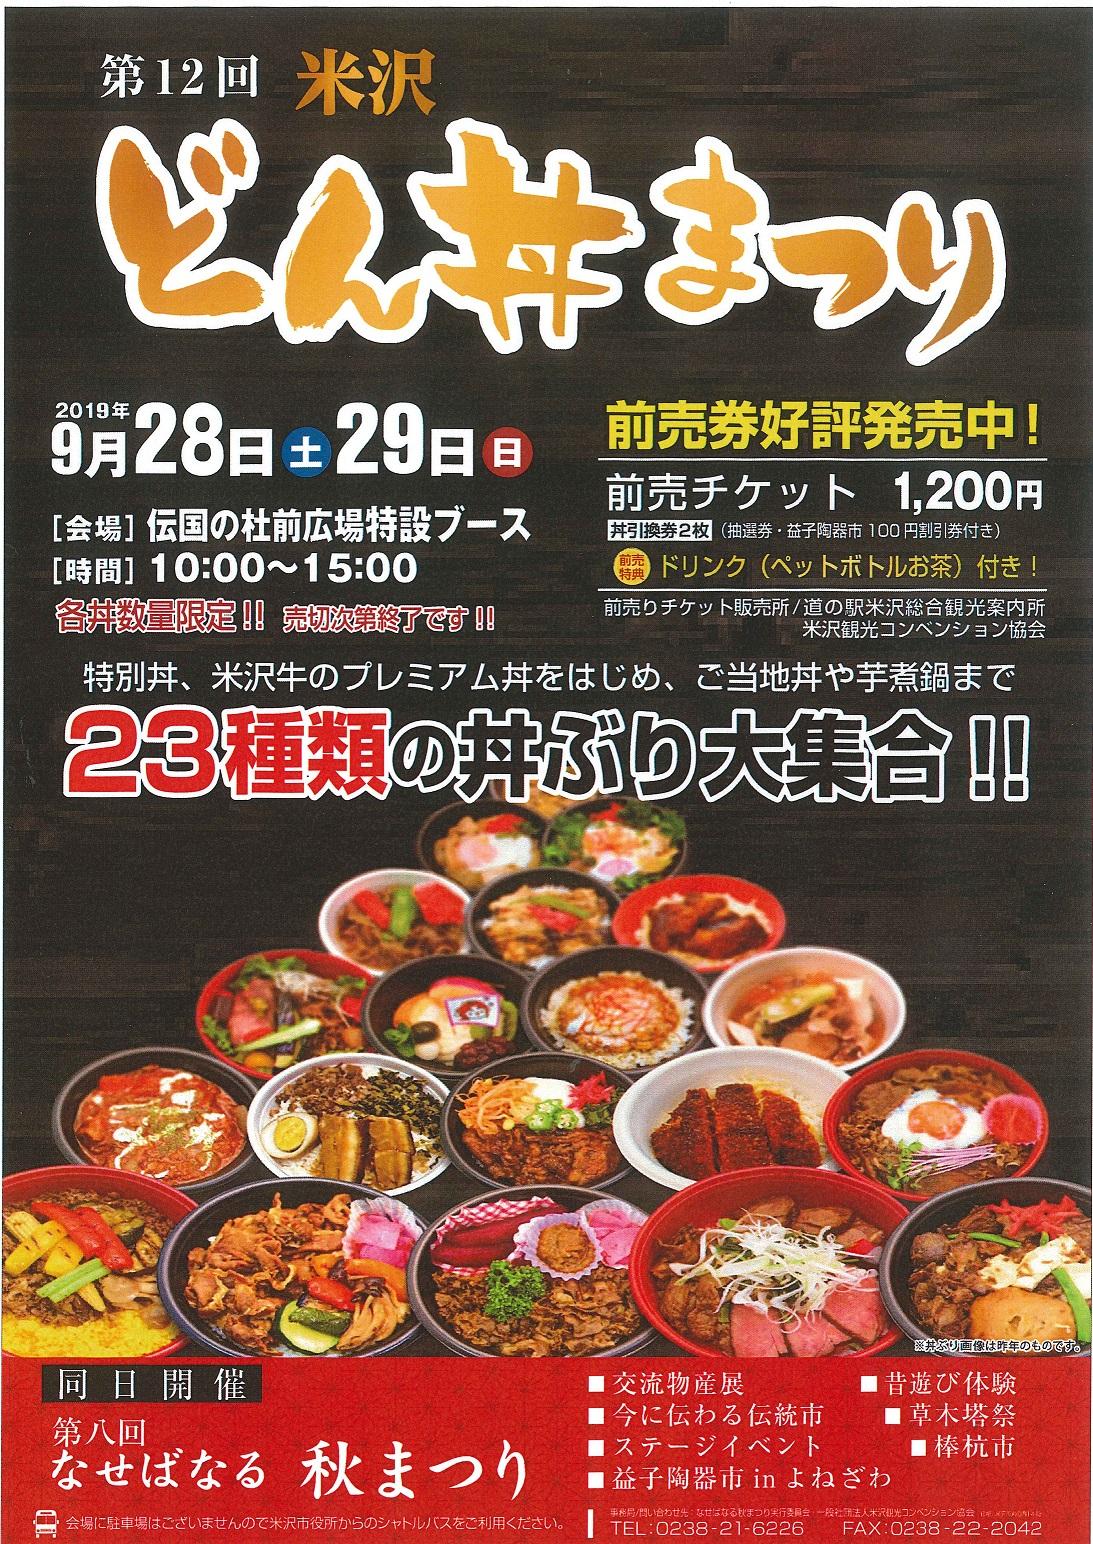 第12次米泽don饭节2019年9月28,29日召开!:图片